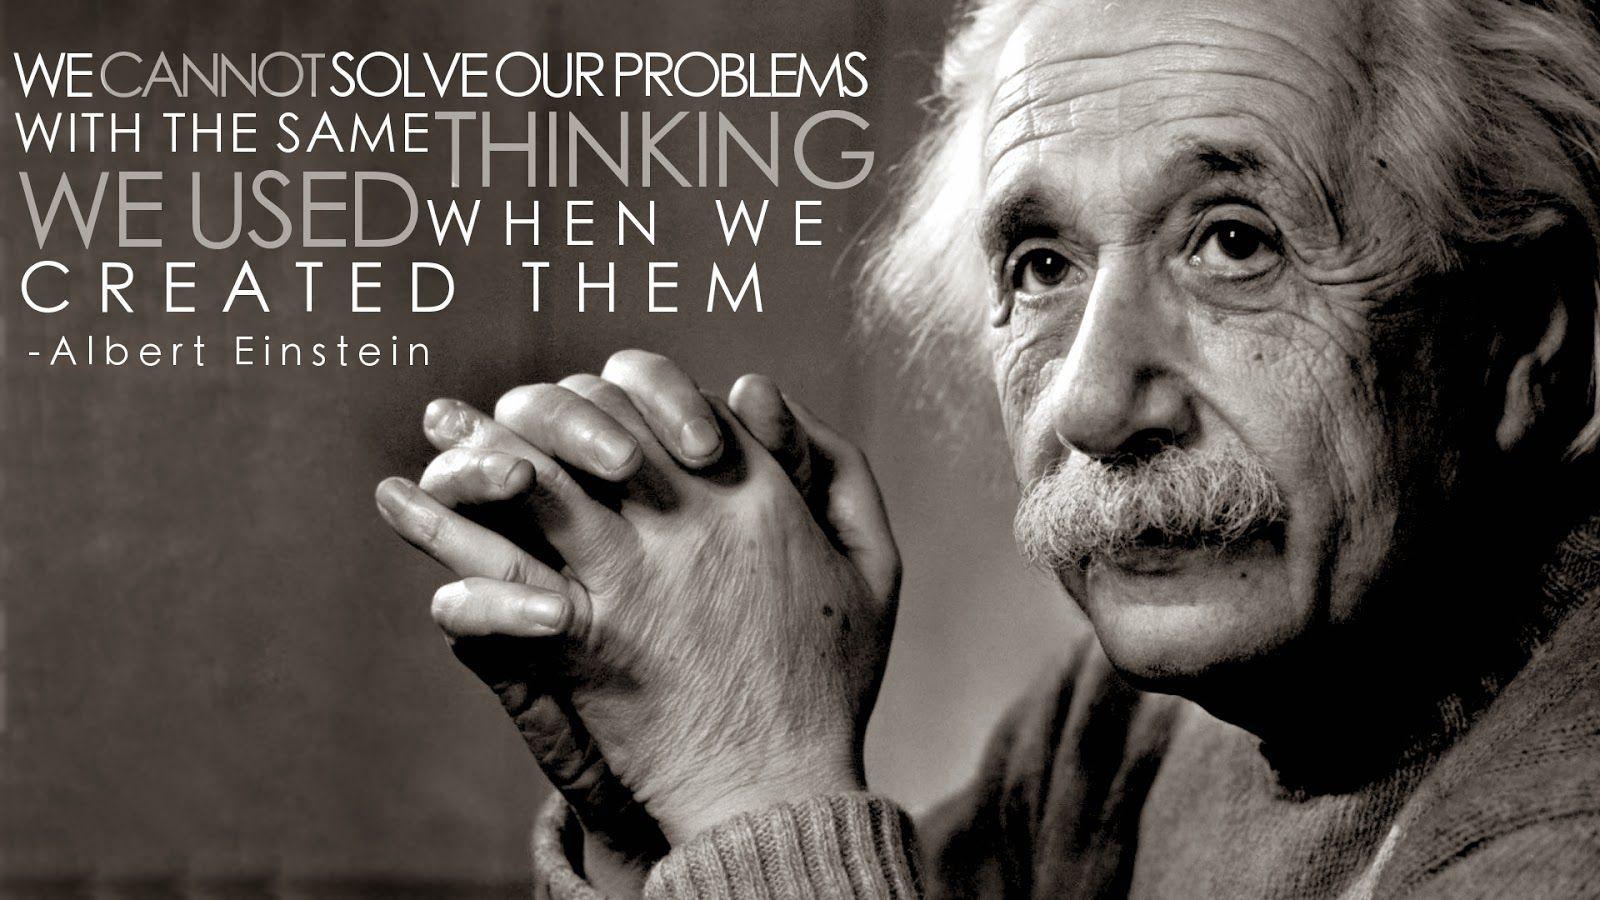 Short Eassy On Albert Einstein The Great Scientist With